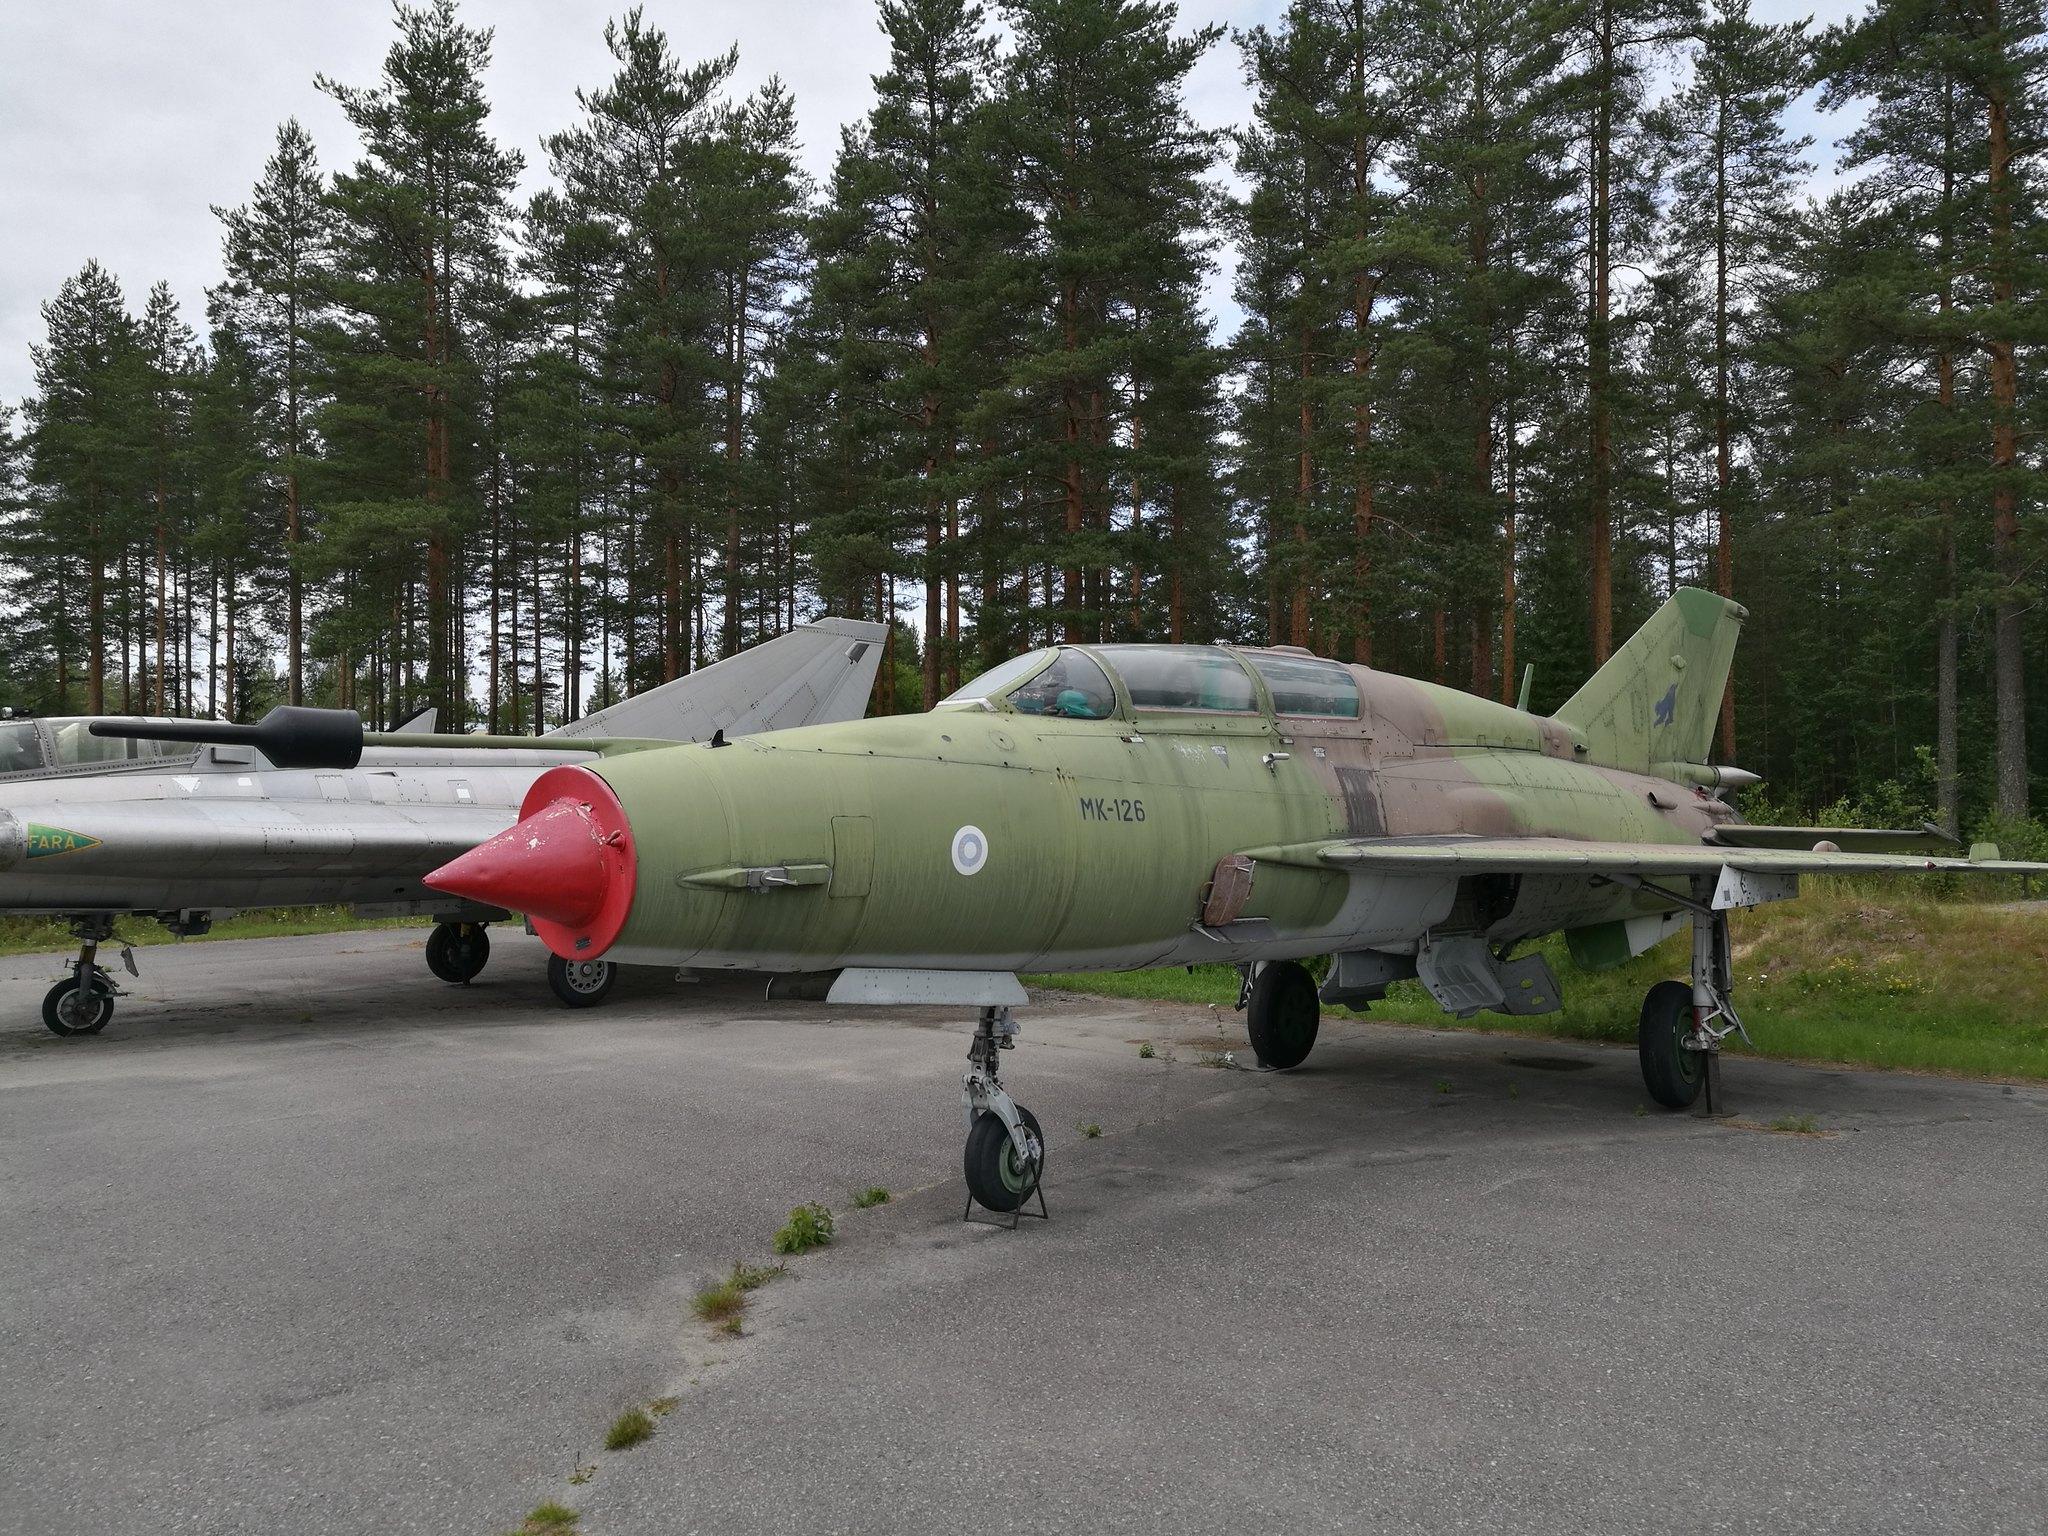 Hemkommen från semester i Finland med utflykt till Finlands Flygvapenmuseum. 48287368401_c02d46f3ad_k